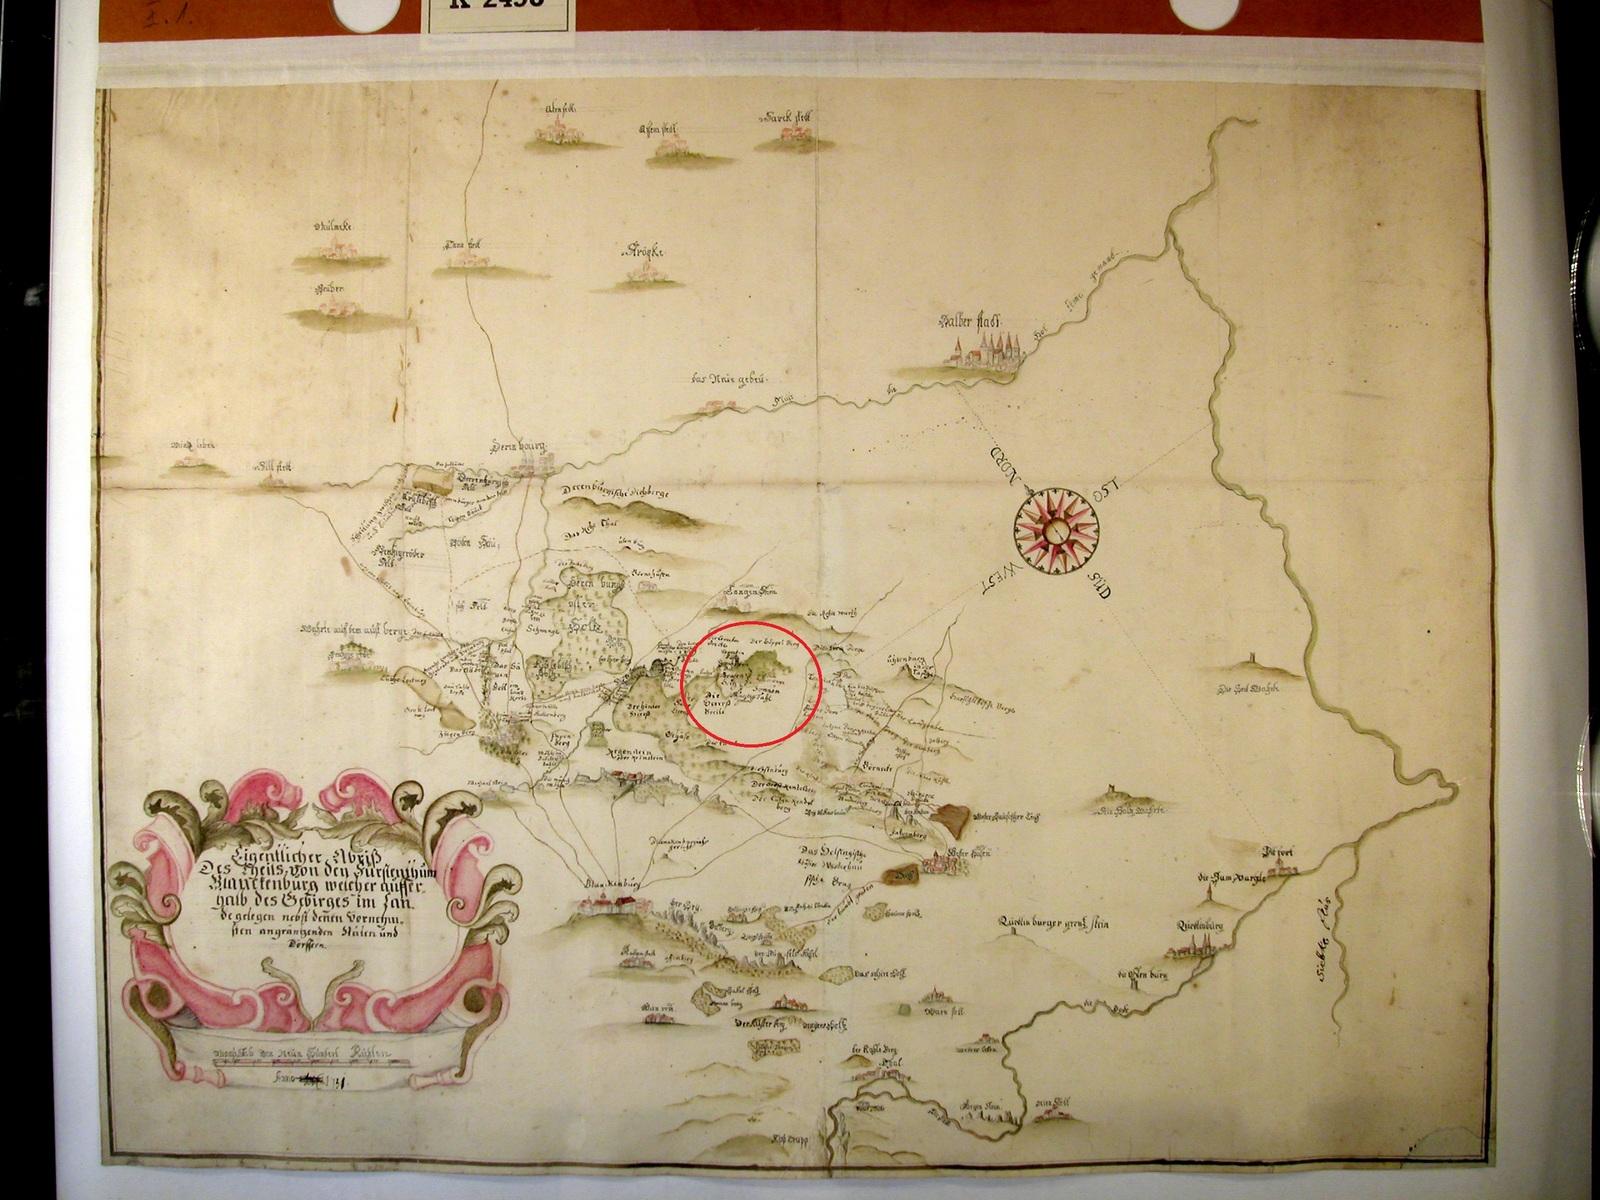 historische Karte mit dem Sonnental